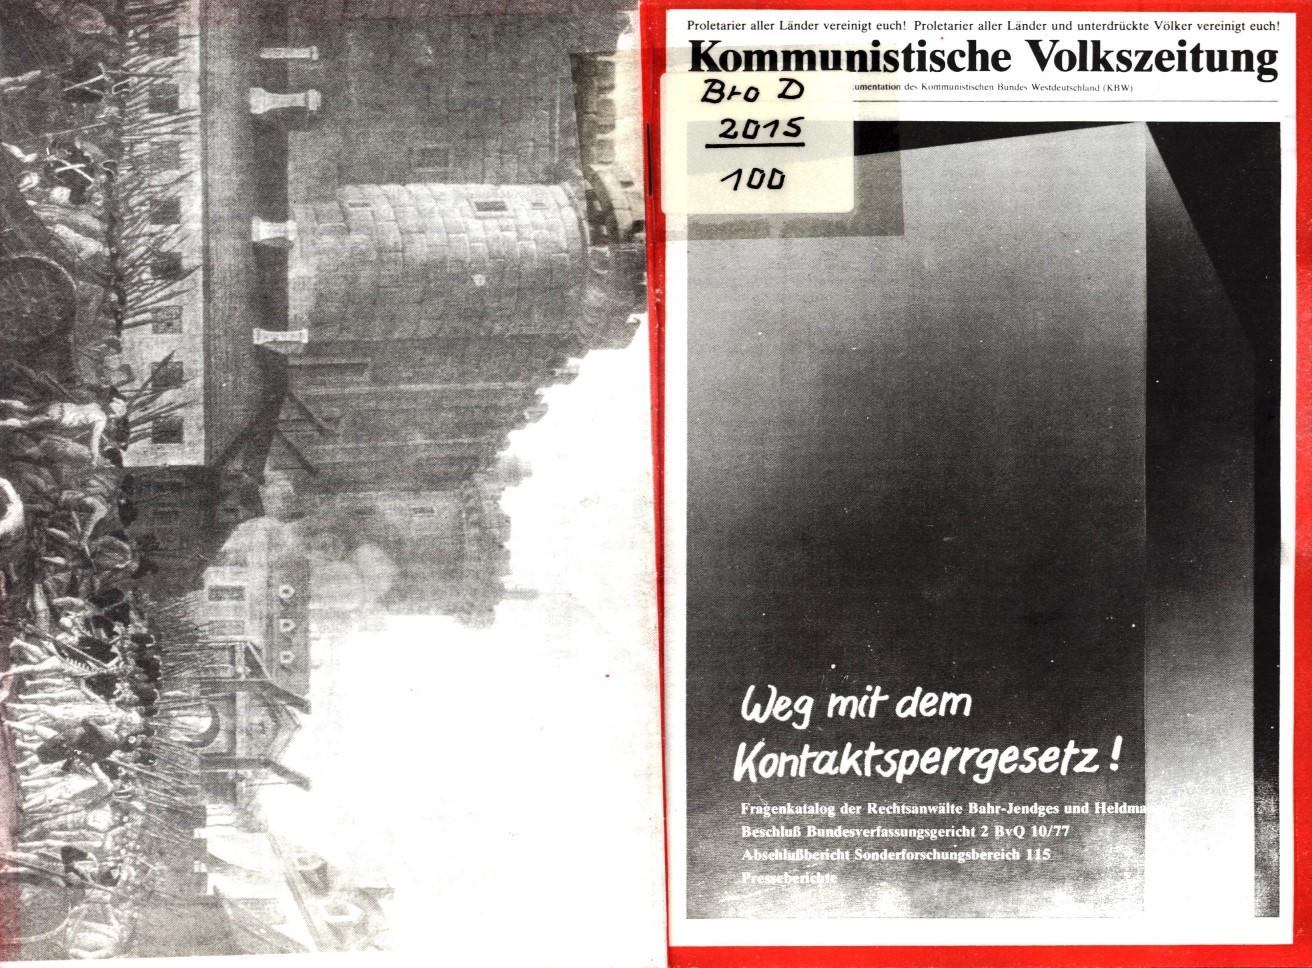 KBW_1977_Kontaktsperregesetz_01